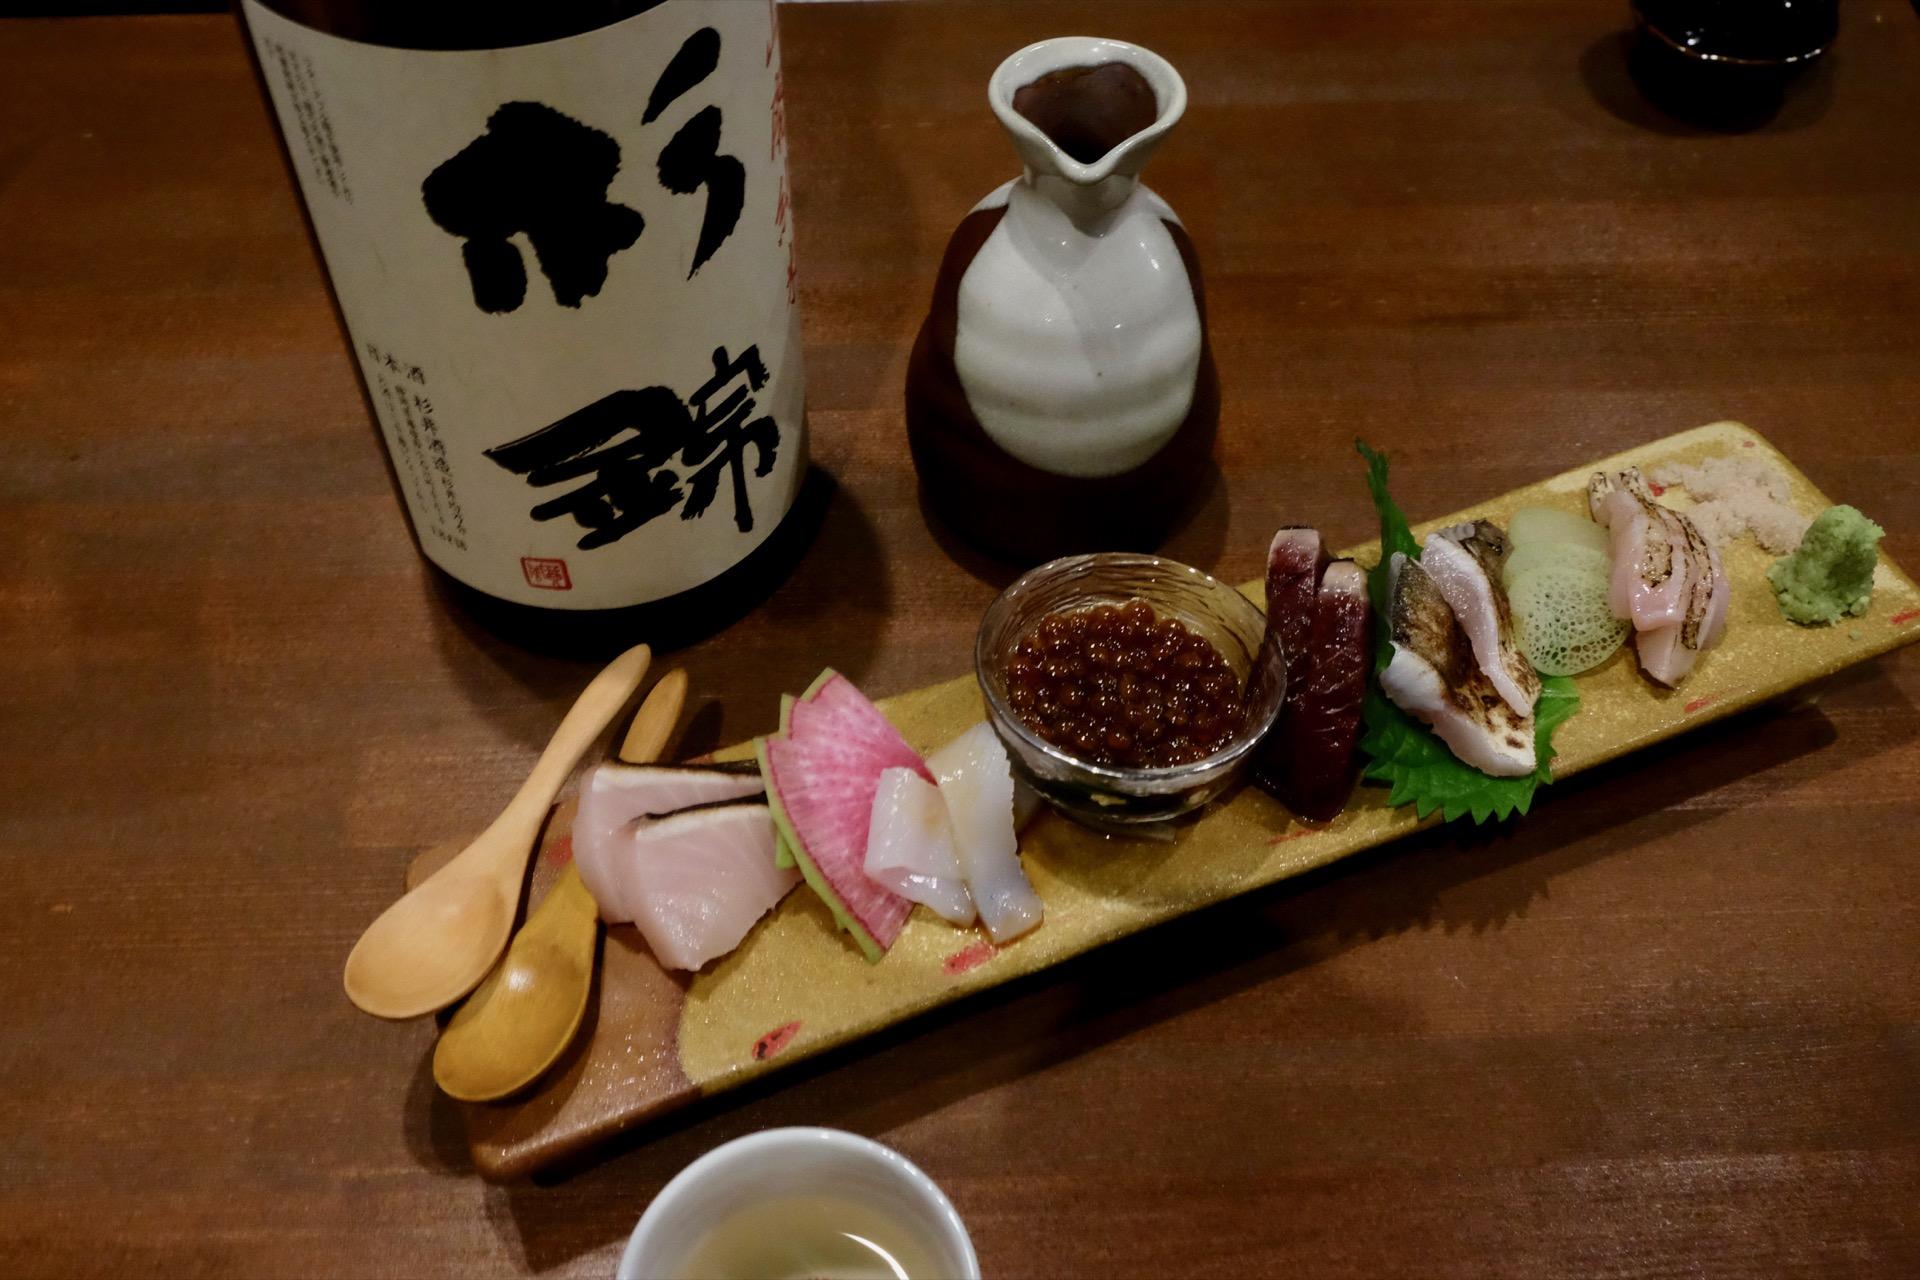 杉錦 山廃純米 天保十三年|日本酒テイスティングノート